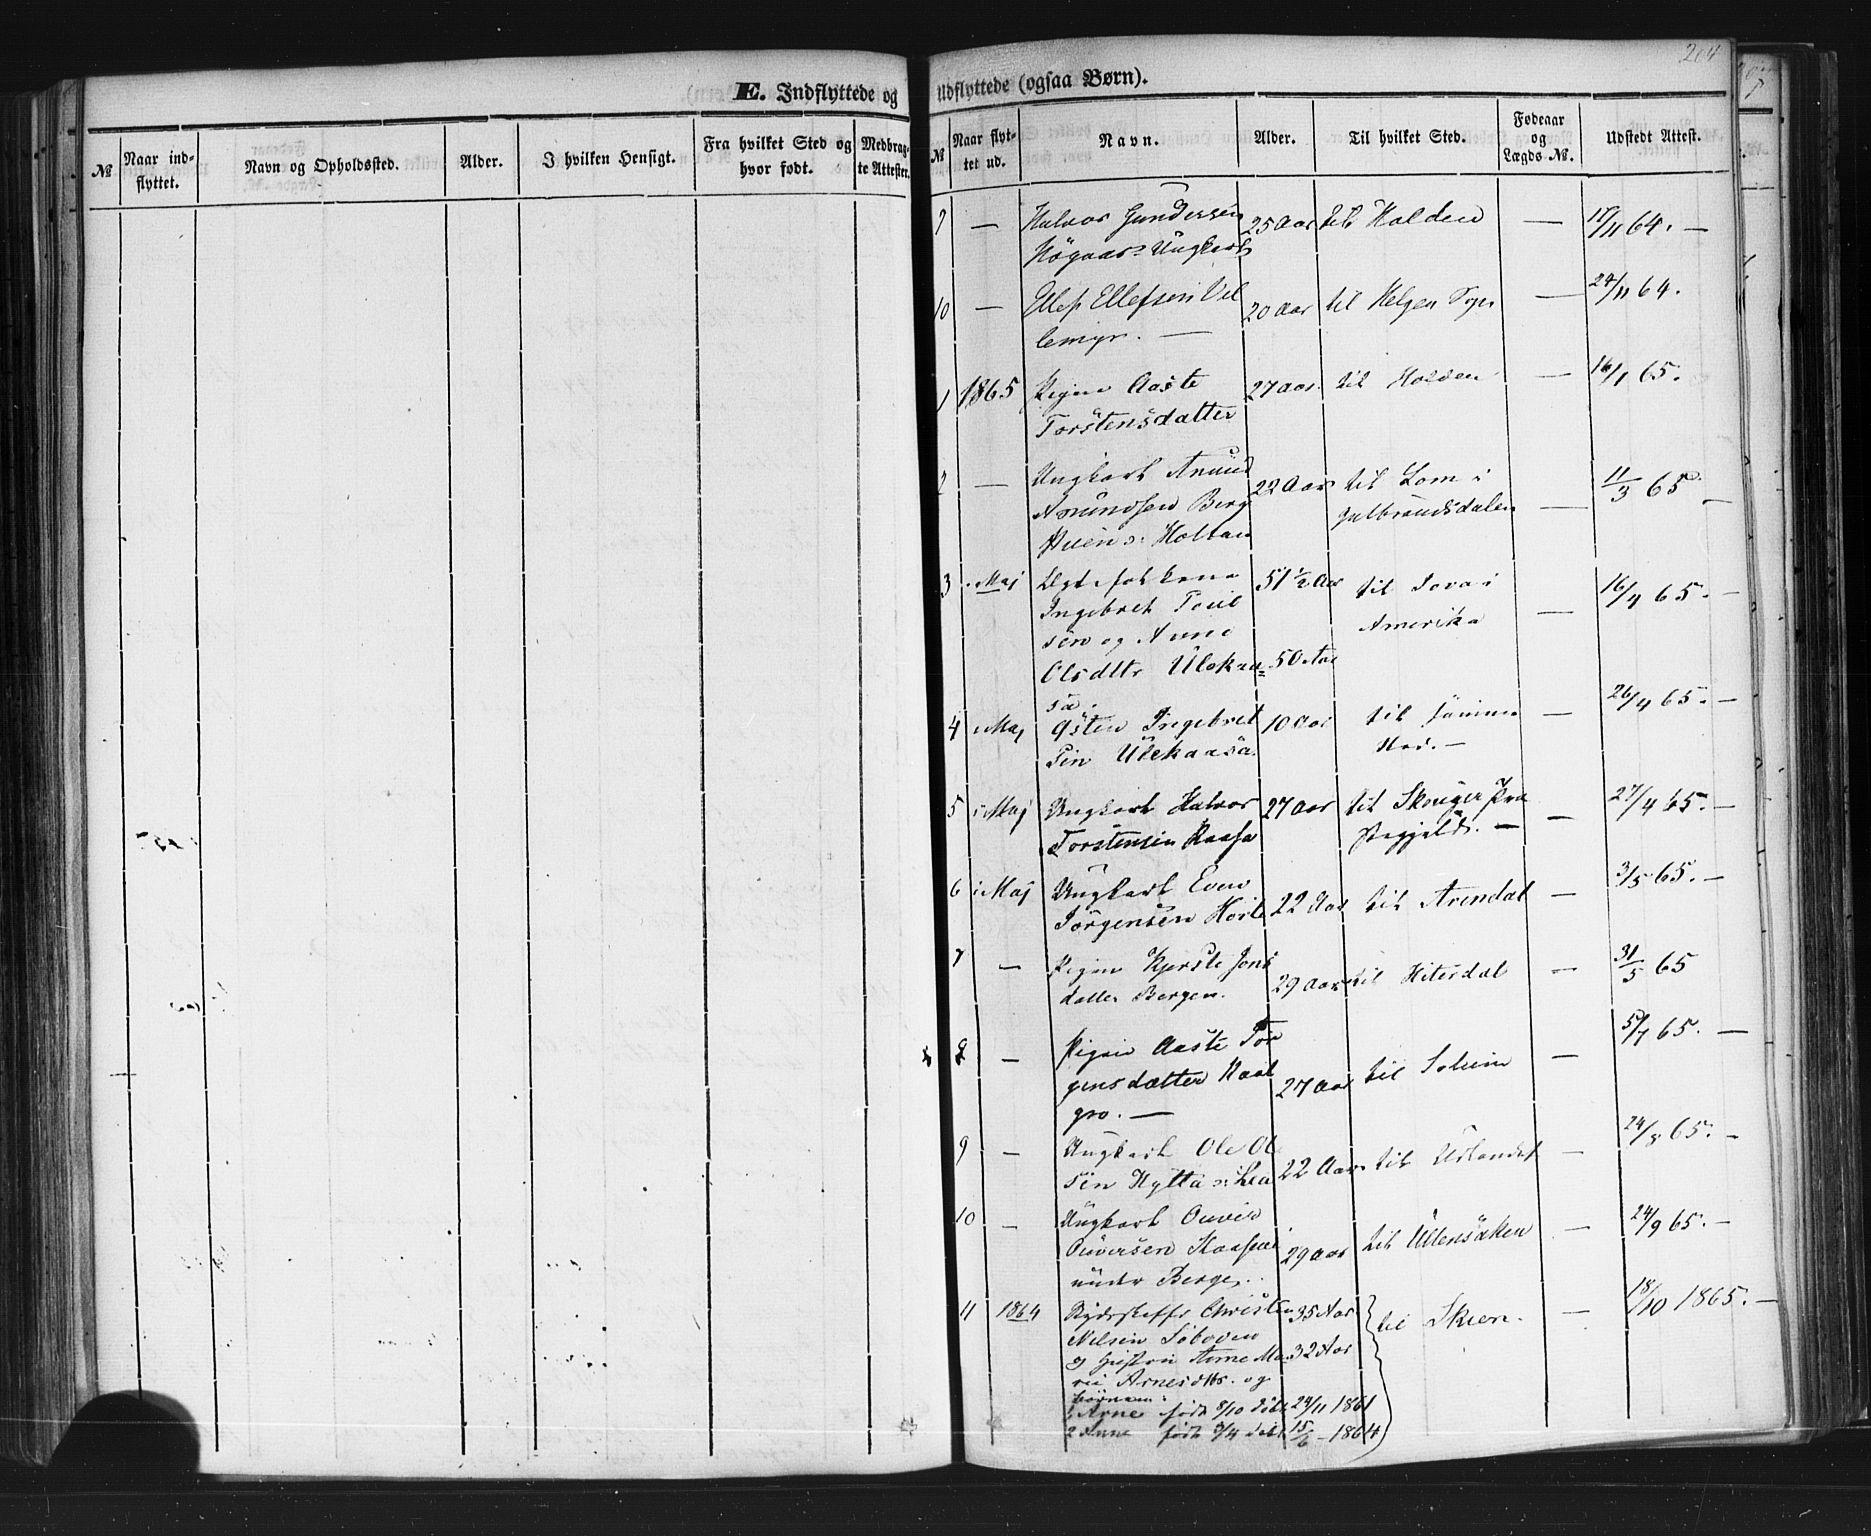 SAKO, Sauherad kirkebøker, F/Fb/L0001: Ministerialbok nr. II 1, 1851-1877, s. 204